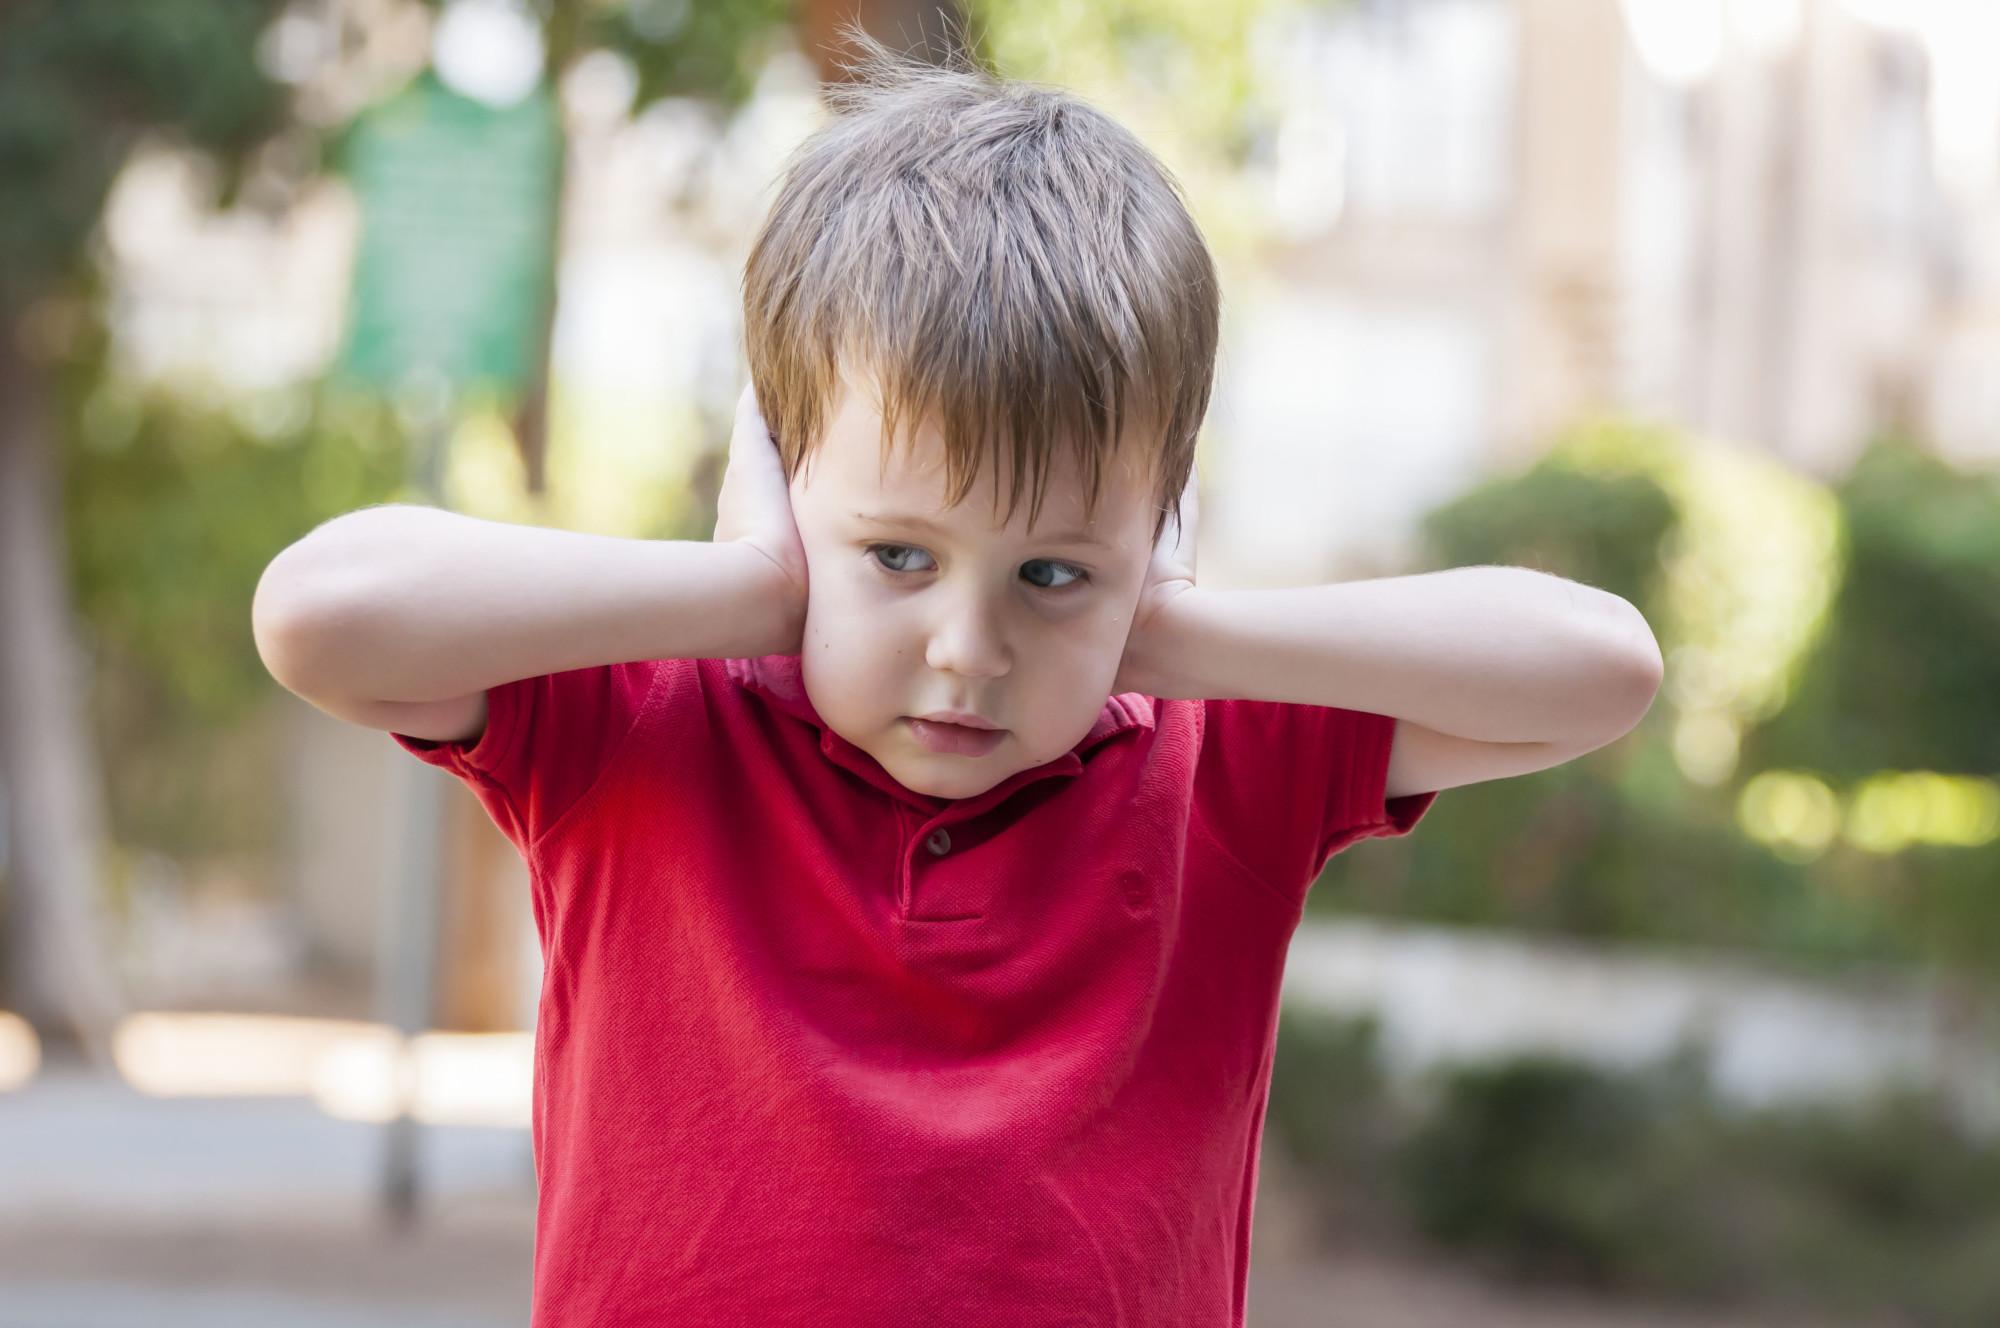 Autism Studies Future of Treatment